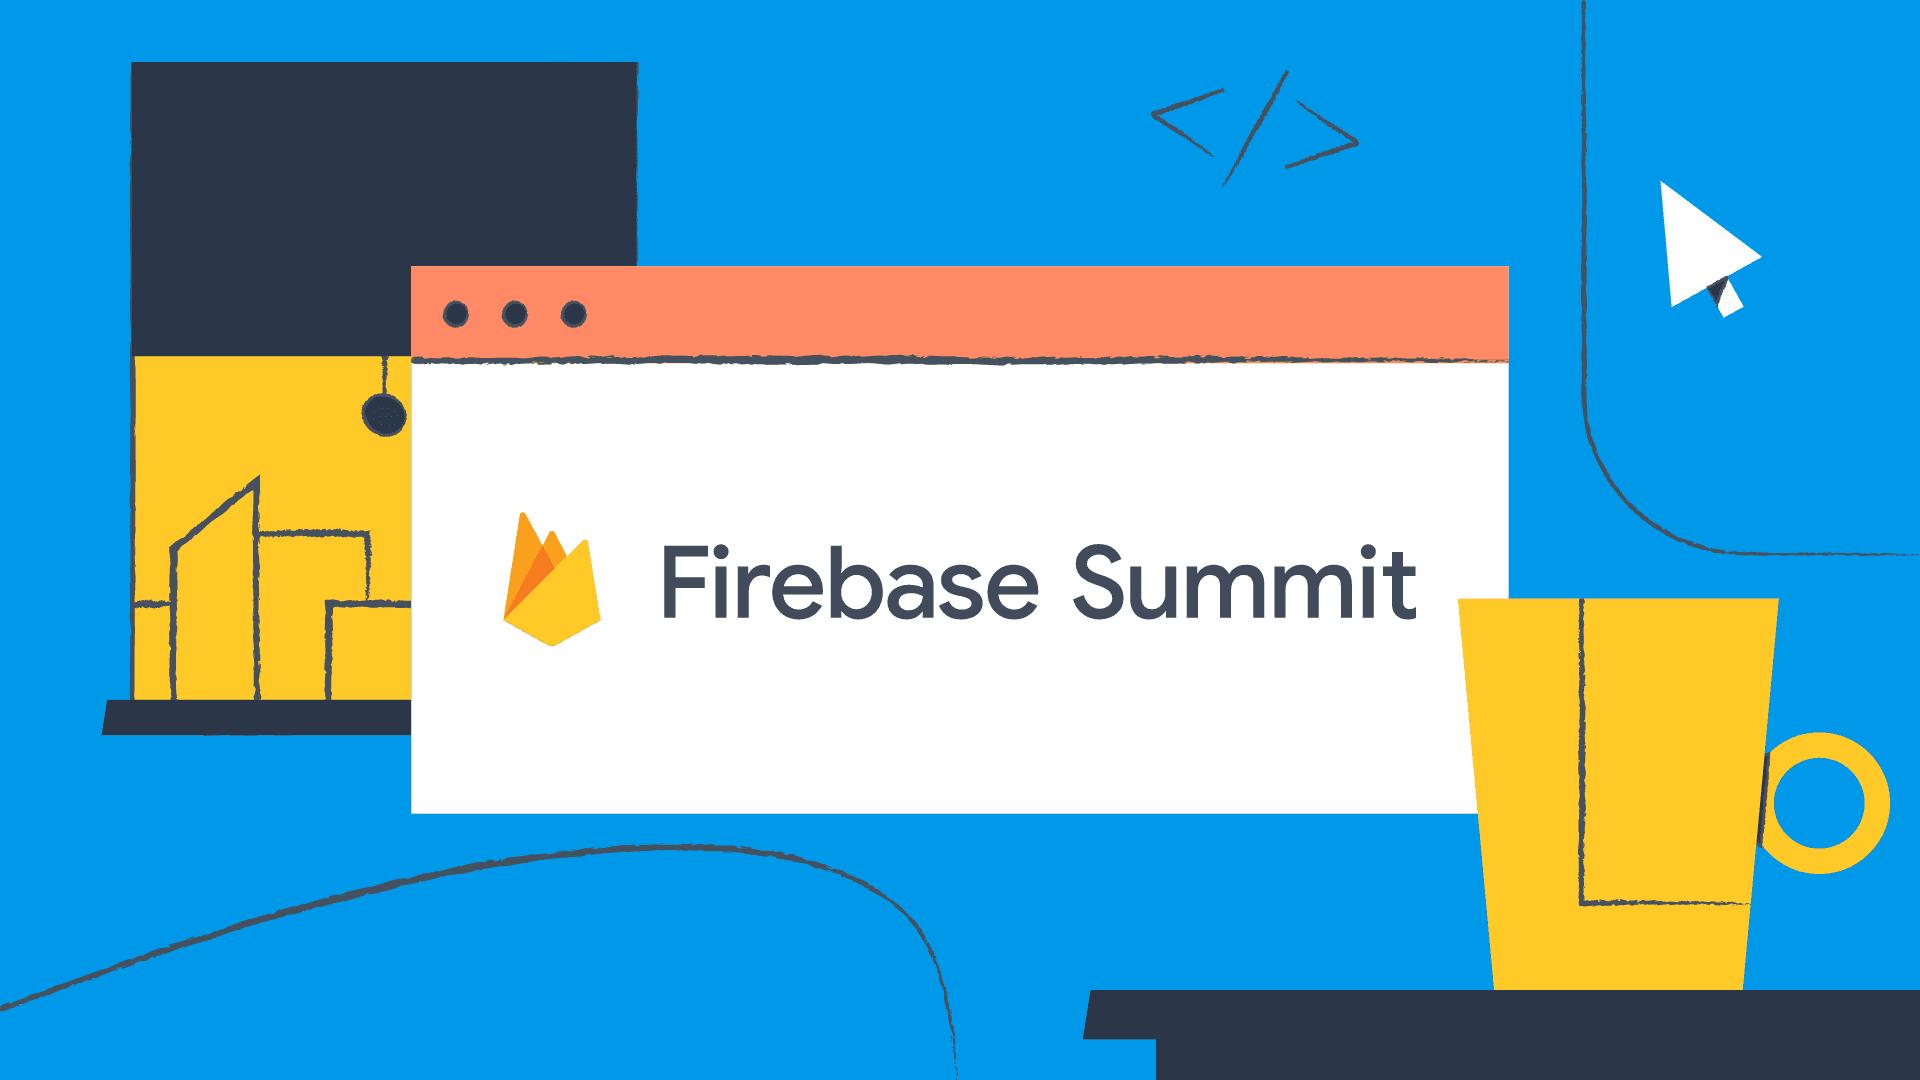 Иллюстрация саммита Firebase